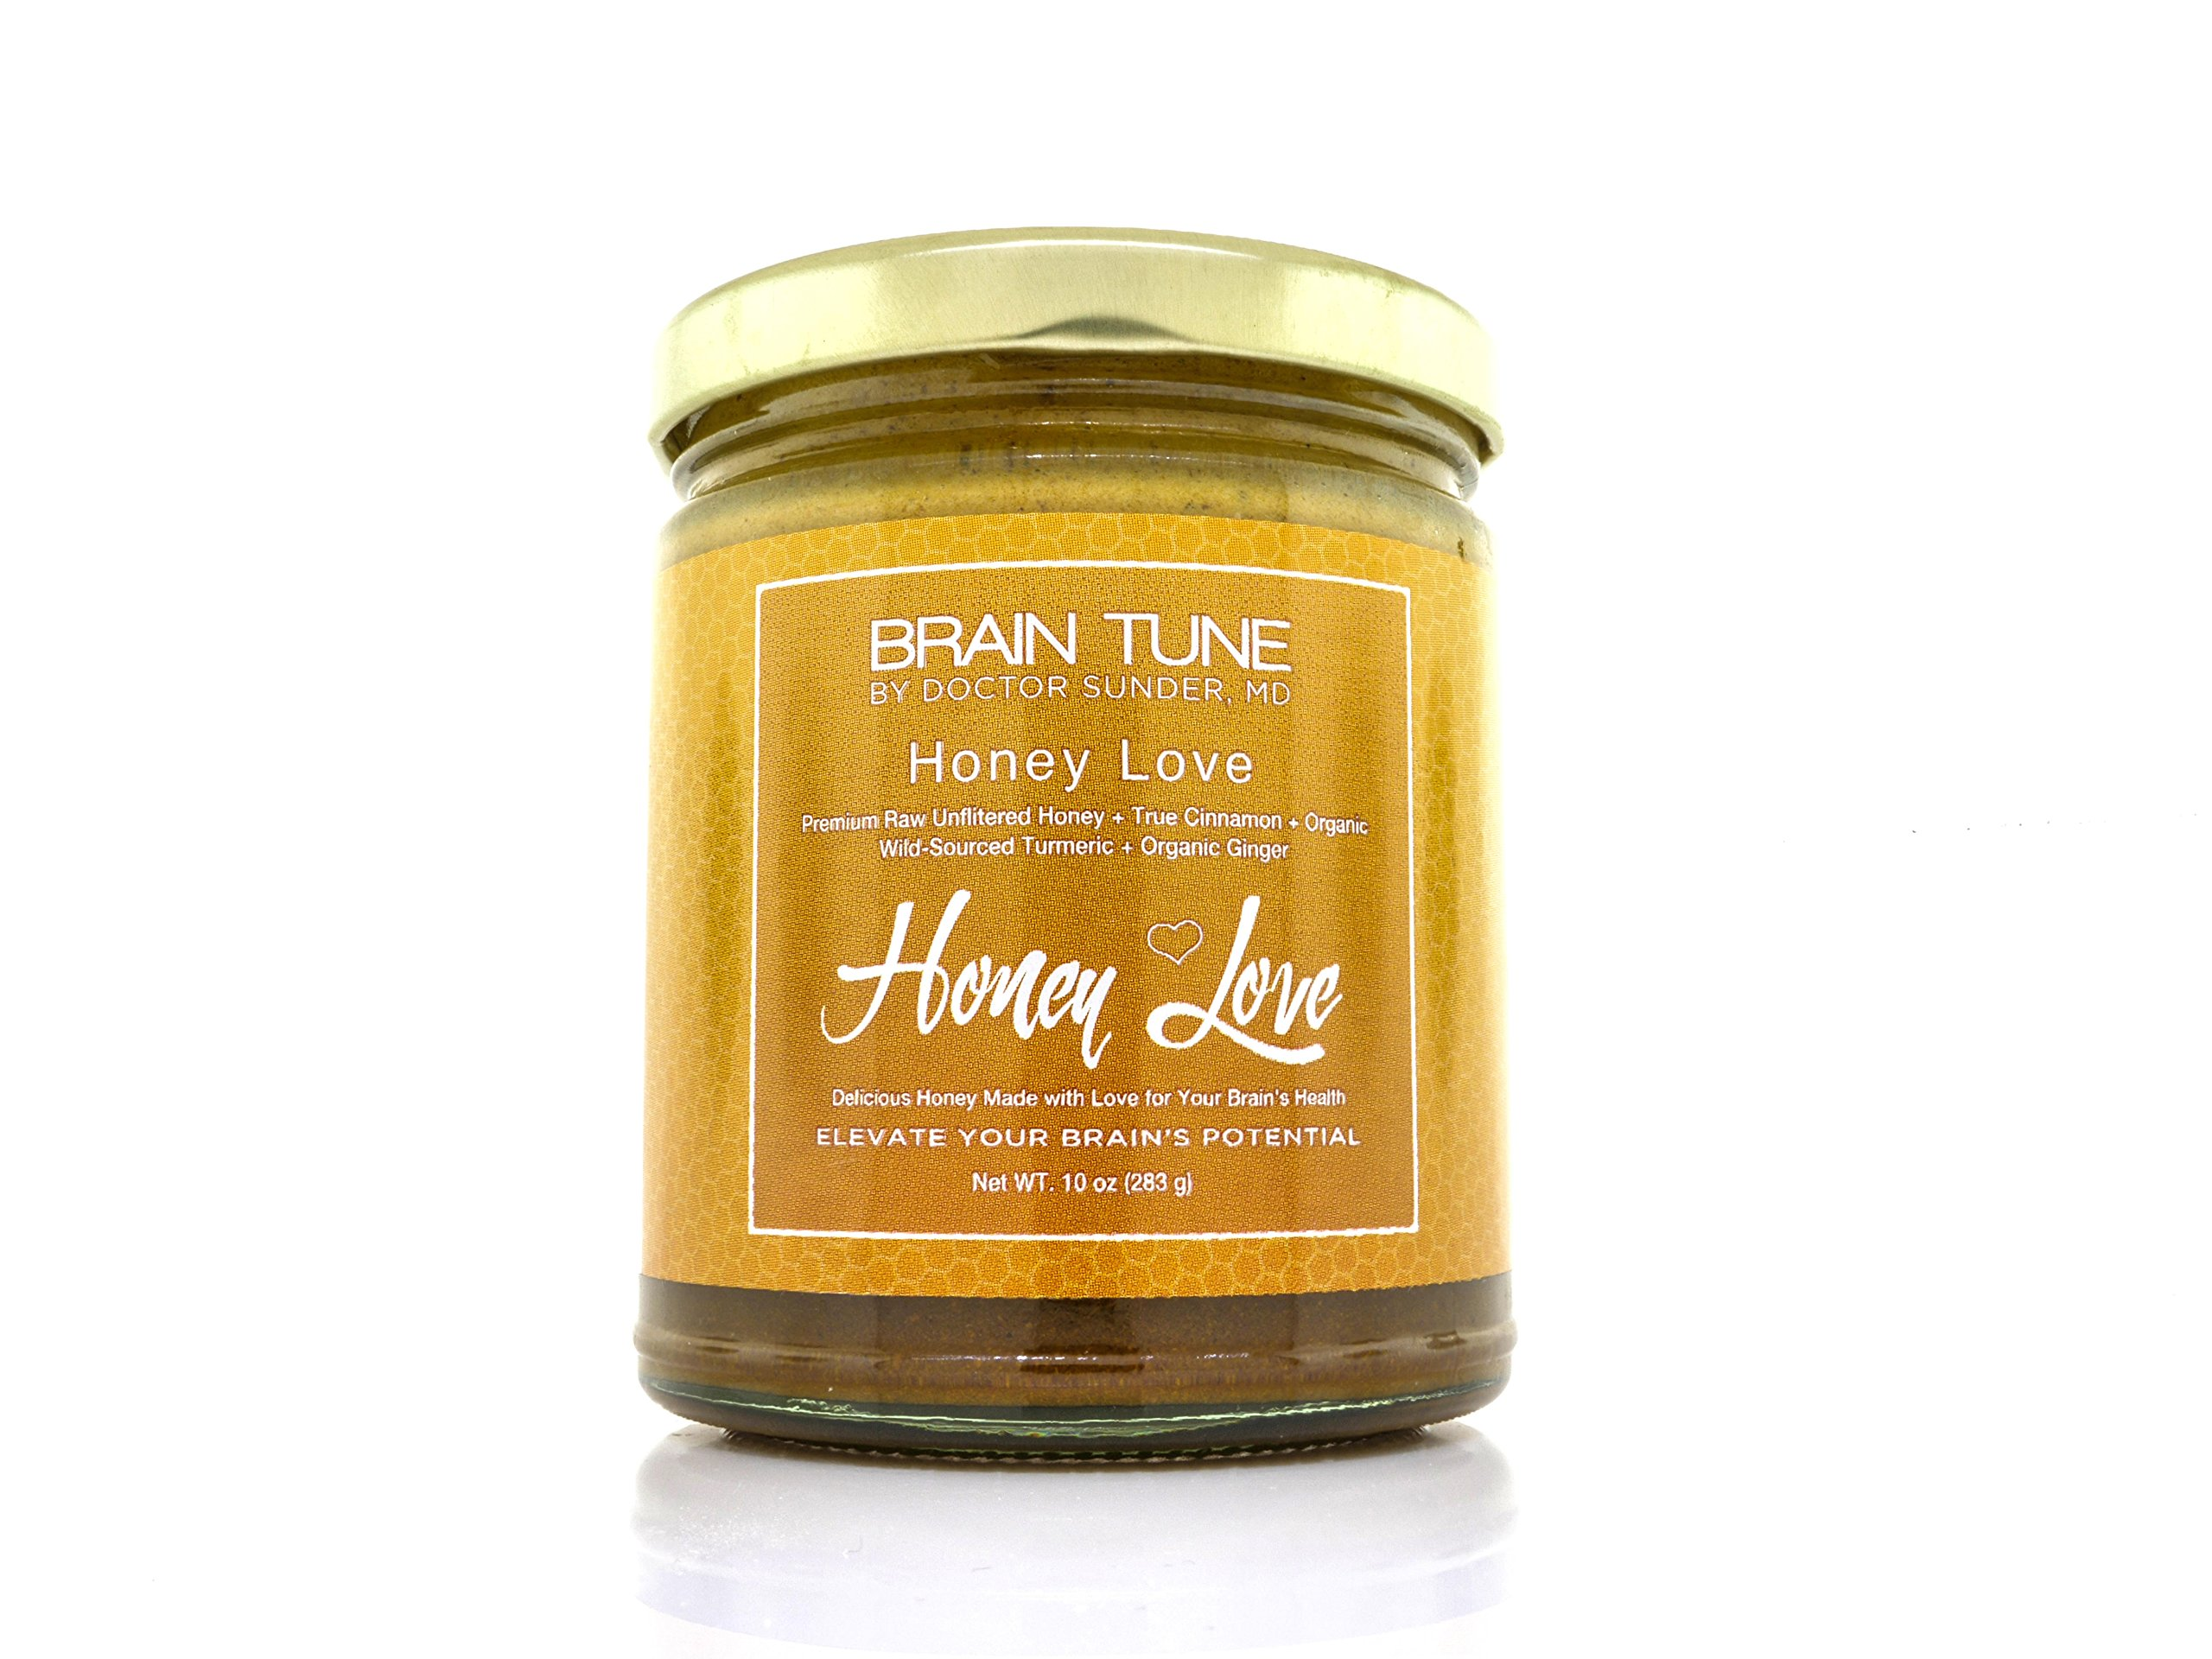 Brain Tune Honey Love - 100% Raw Honey, Brain Enhancing Natural Superfood - Premium Raw Unfiltered Honey + True Cinnamon + Organic Wild Sourced Turmeric + Organic Ginger